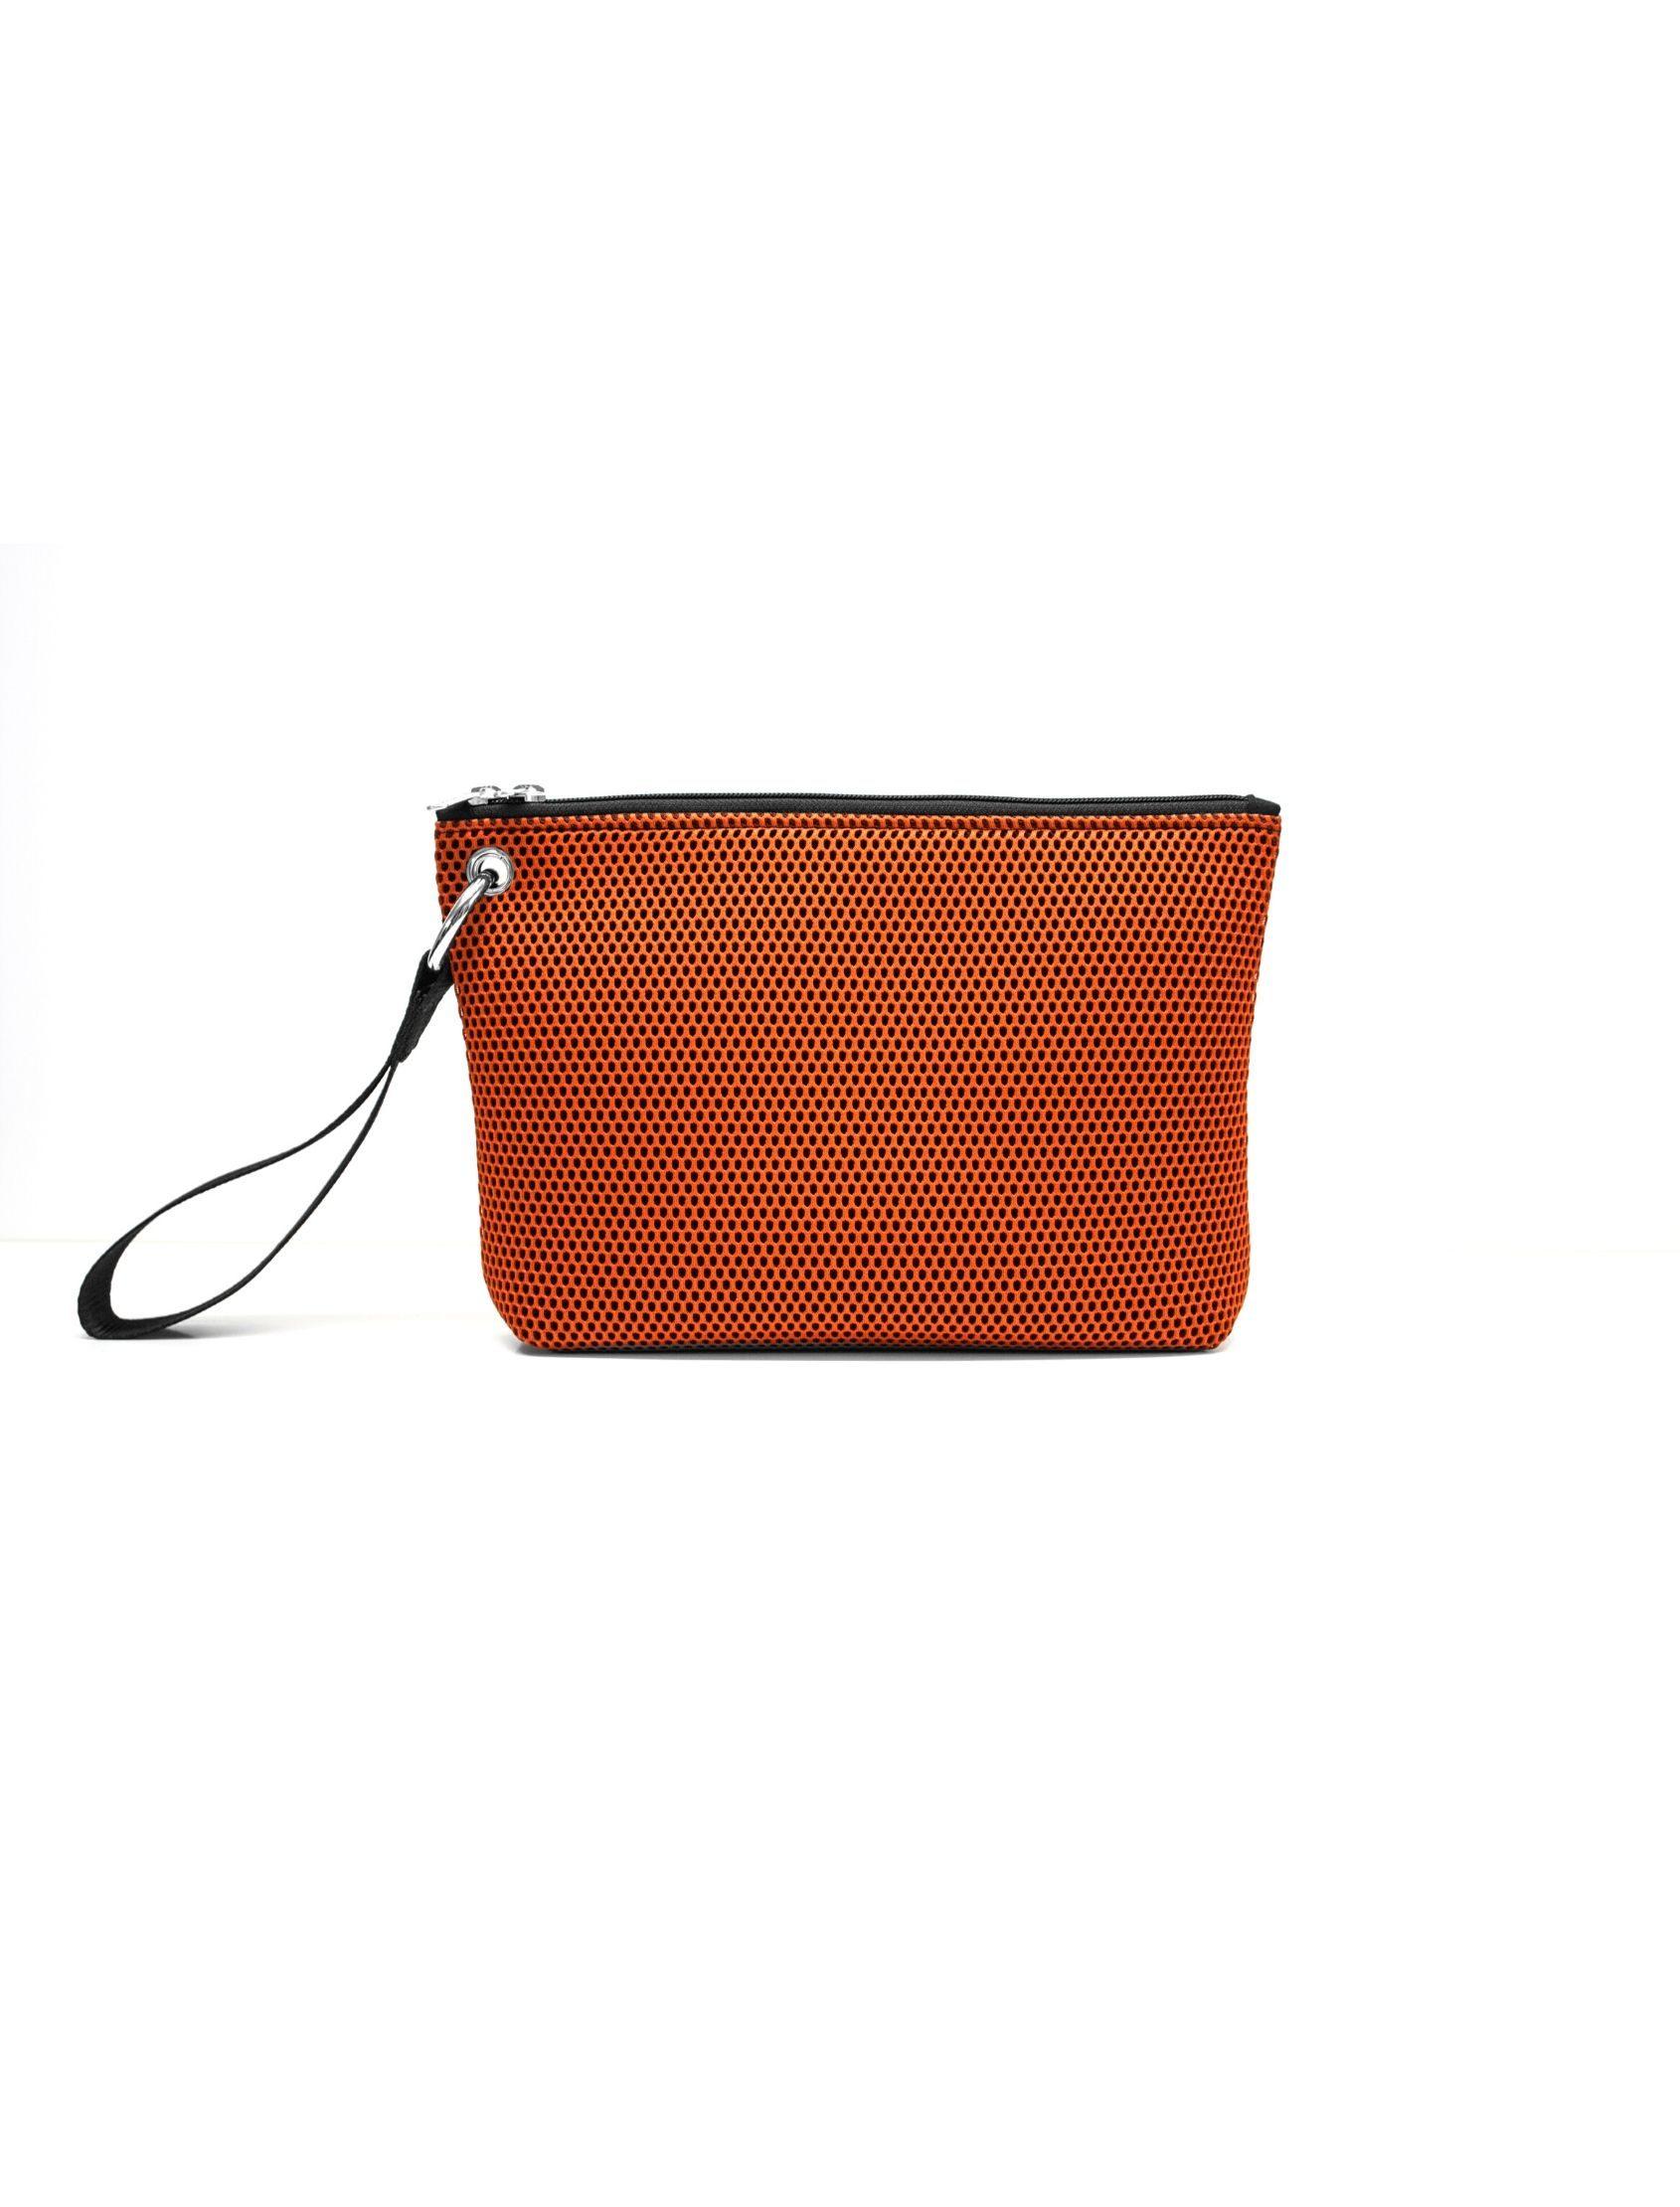 bolso de mano de Peter&Wolf con tejido ténico 3d en color Teja